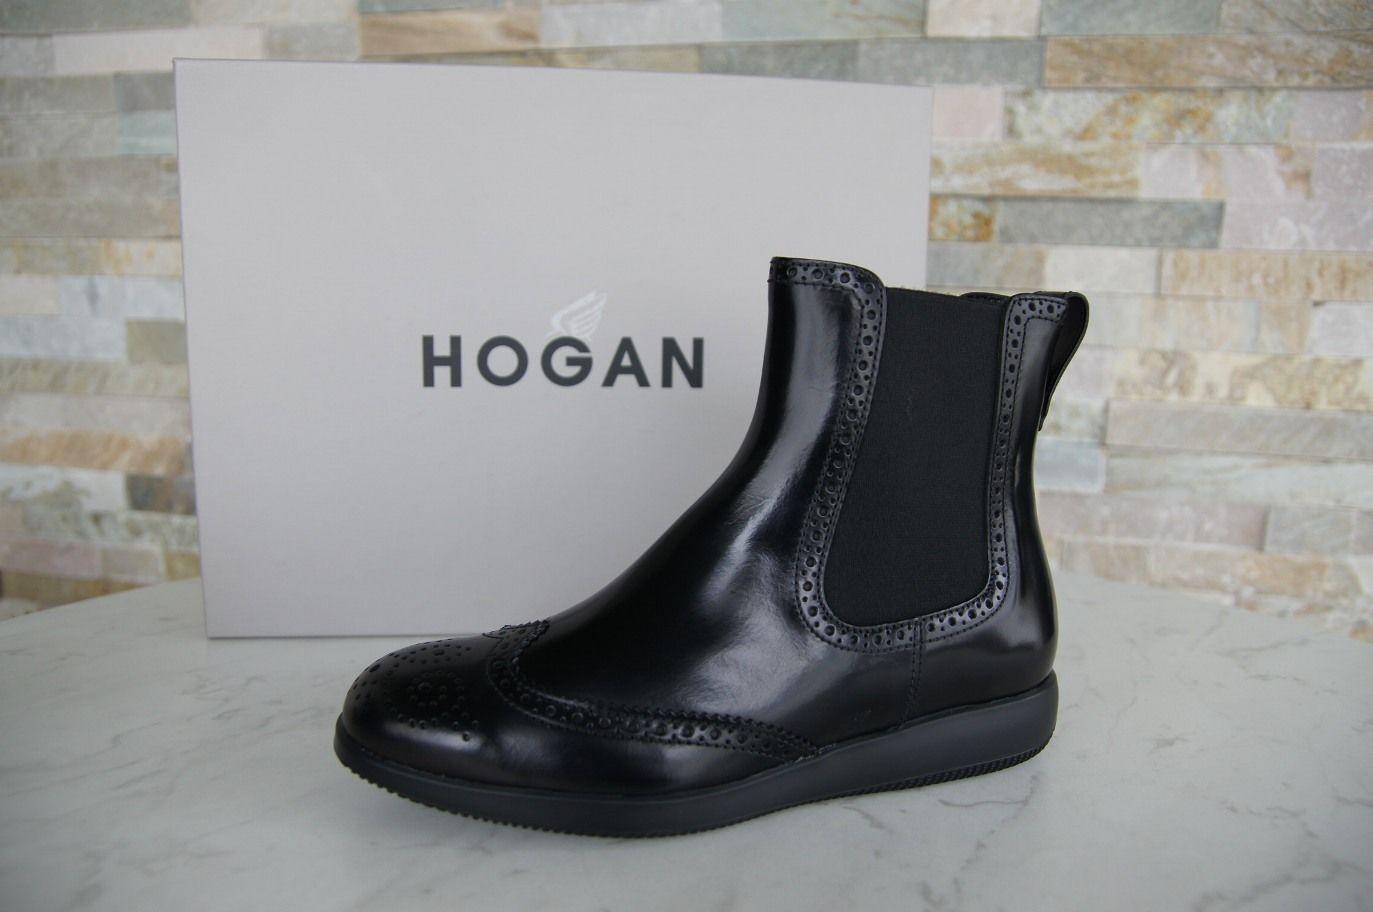 la migliore offerta del negozio online Hogan Tg. 36,5 Stivaletti Babbuccie Babbuccie Babbuccie Budapest Scarpe Nere Nuovo Origin.  promozioni di squadra